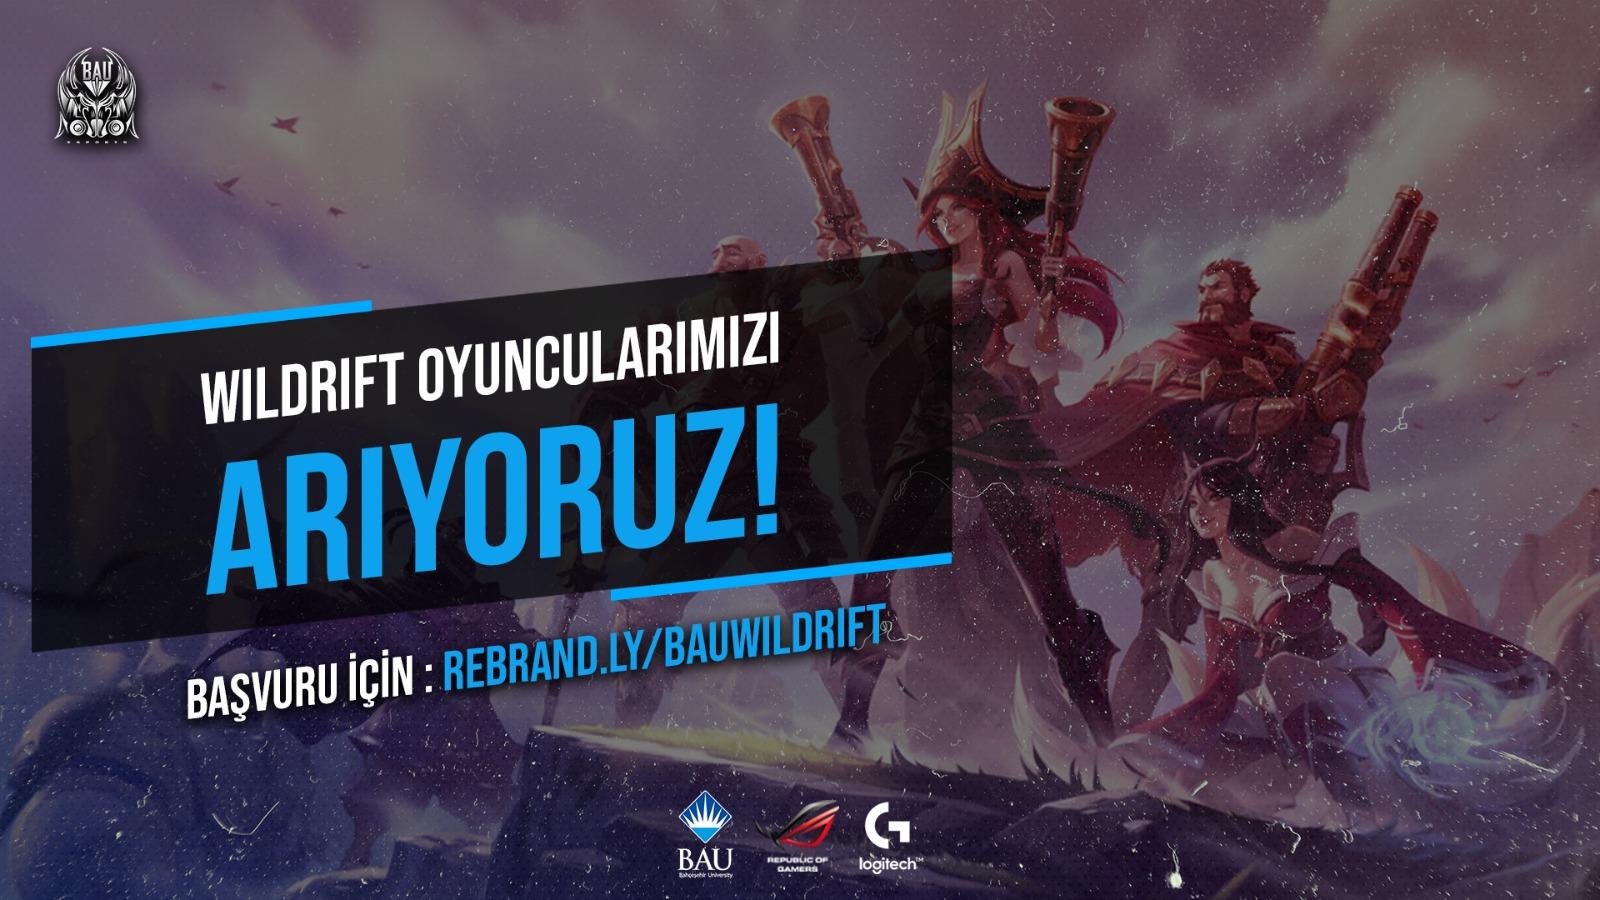 Bahçeşehir Üniversitesi Bau esports